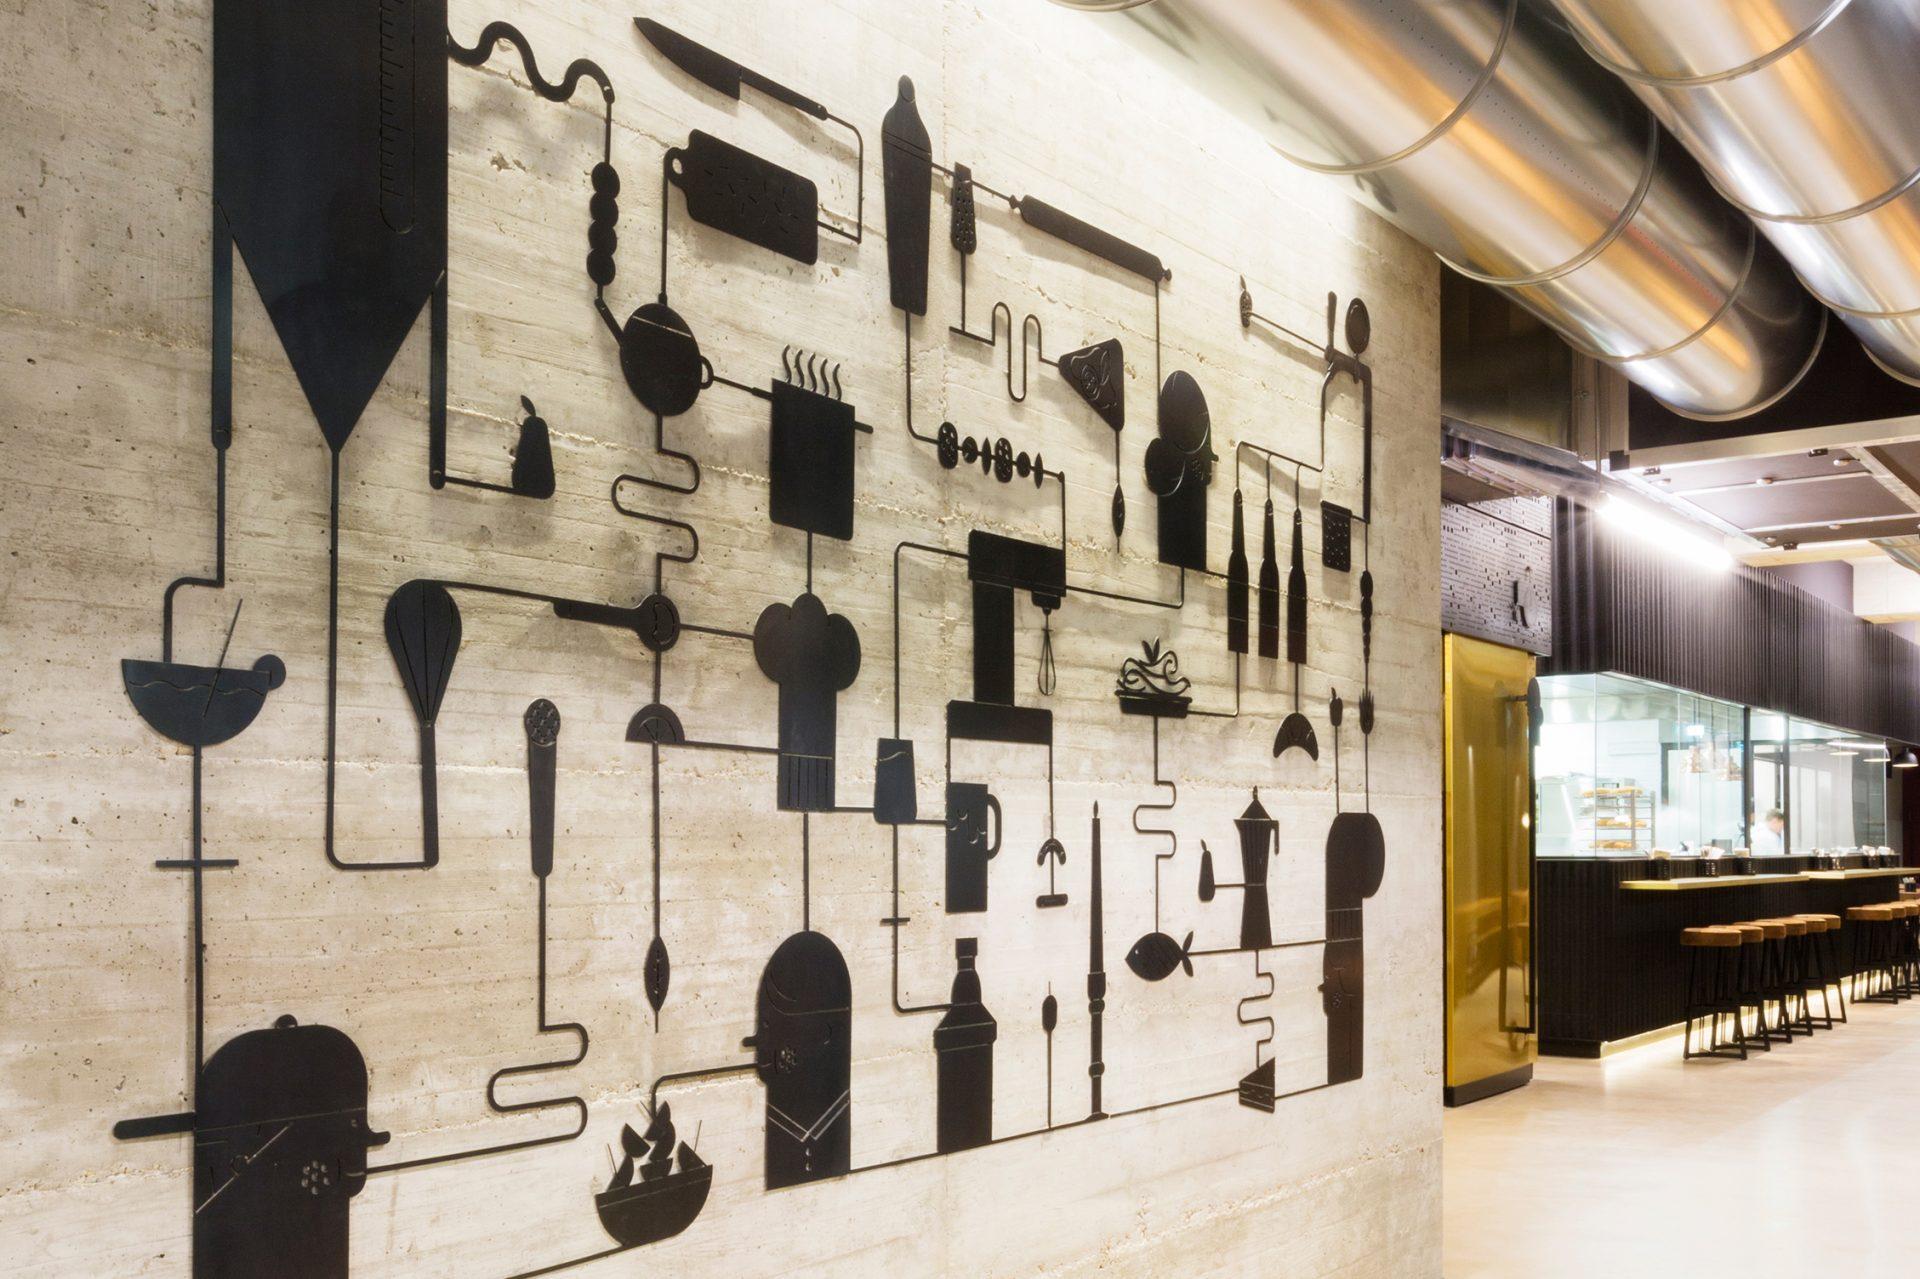 Lavoro Per Architetti Torino lamatilde: studio di architettura e design